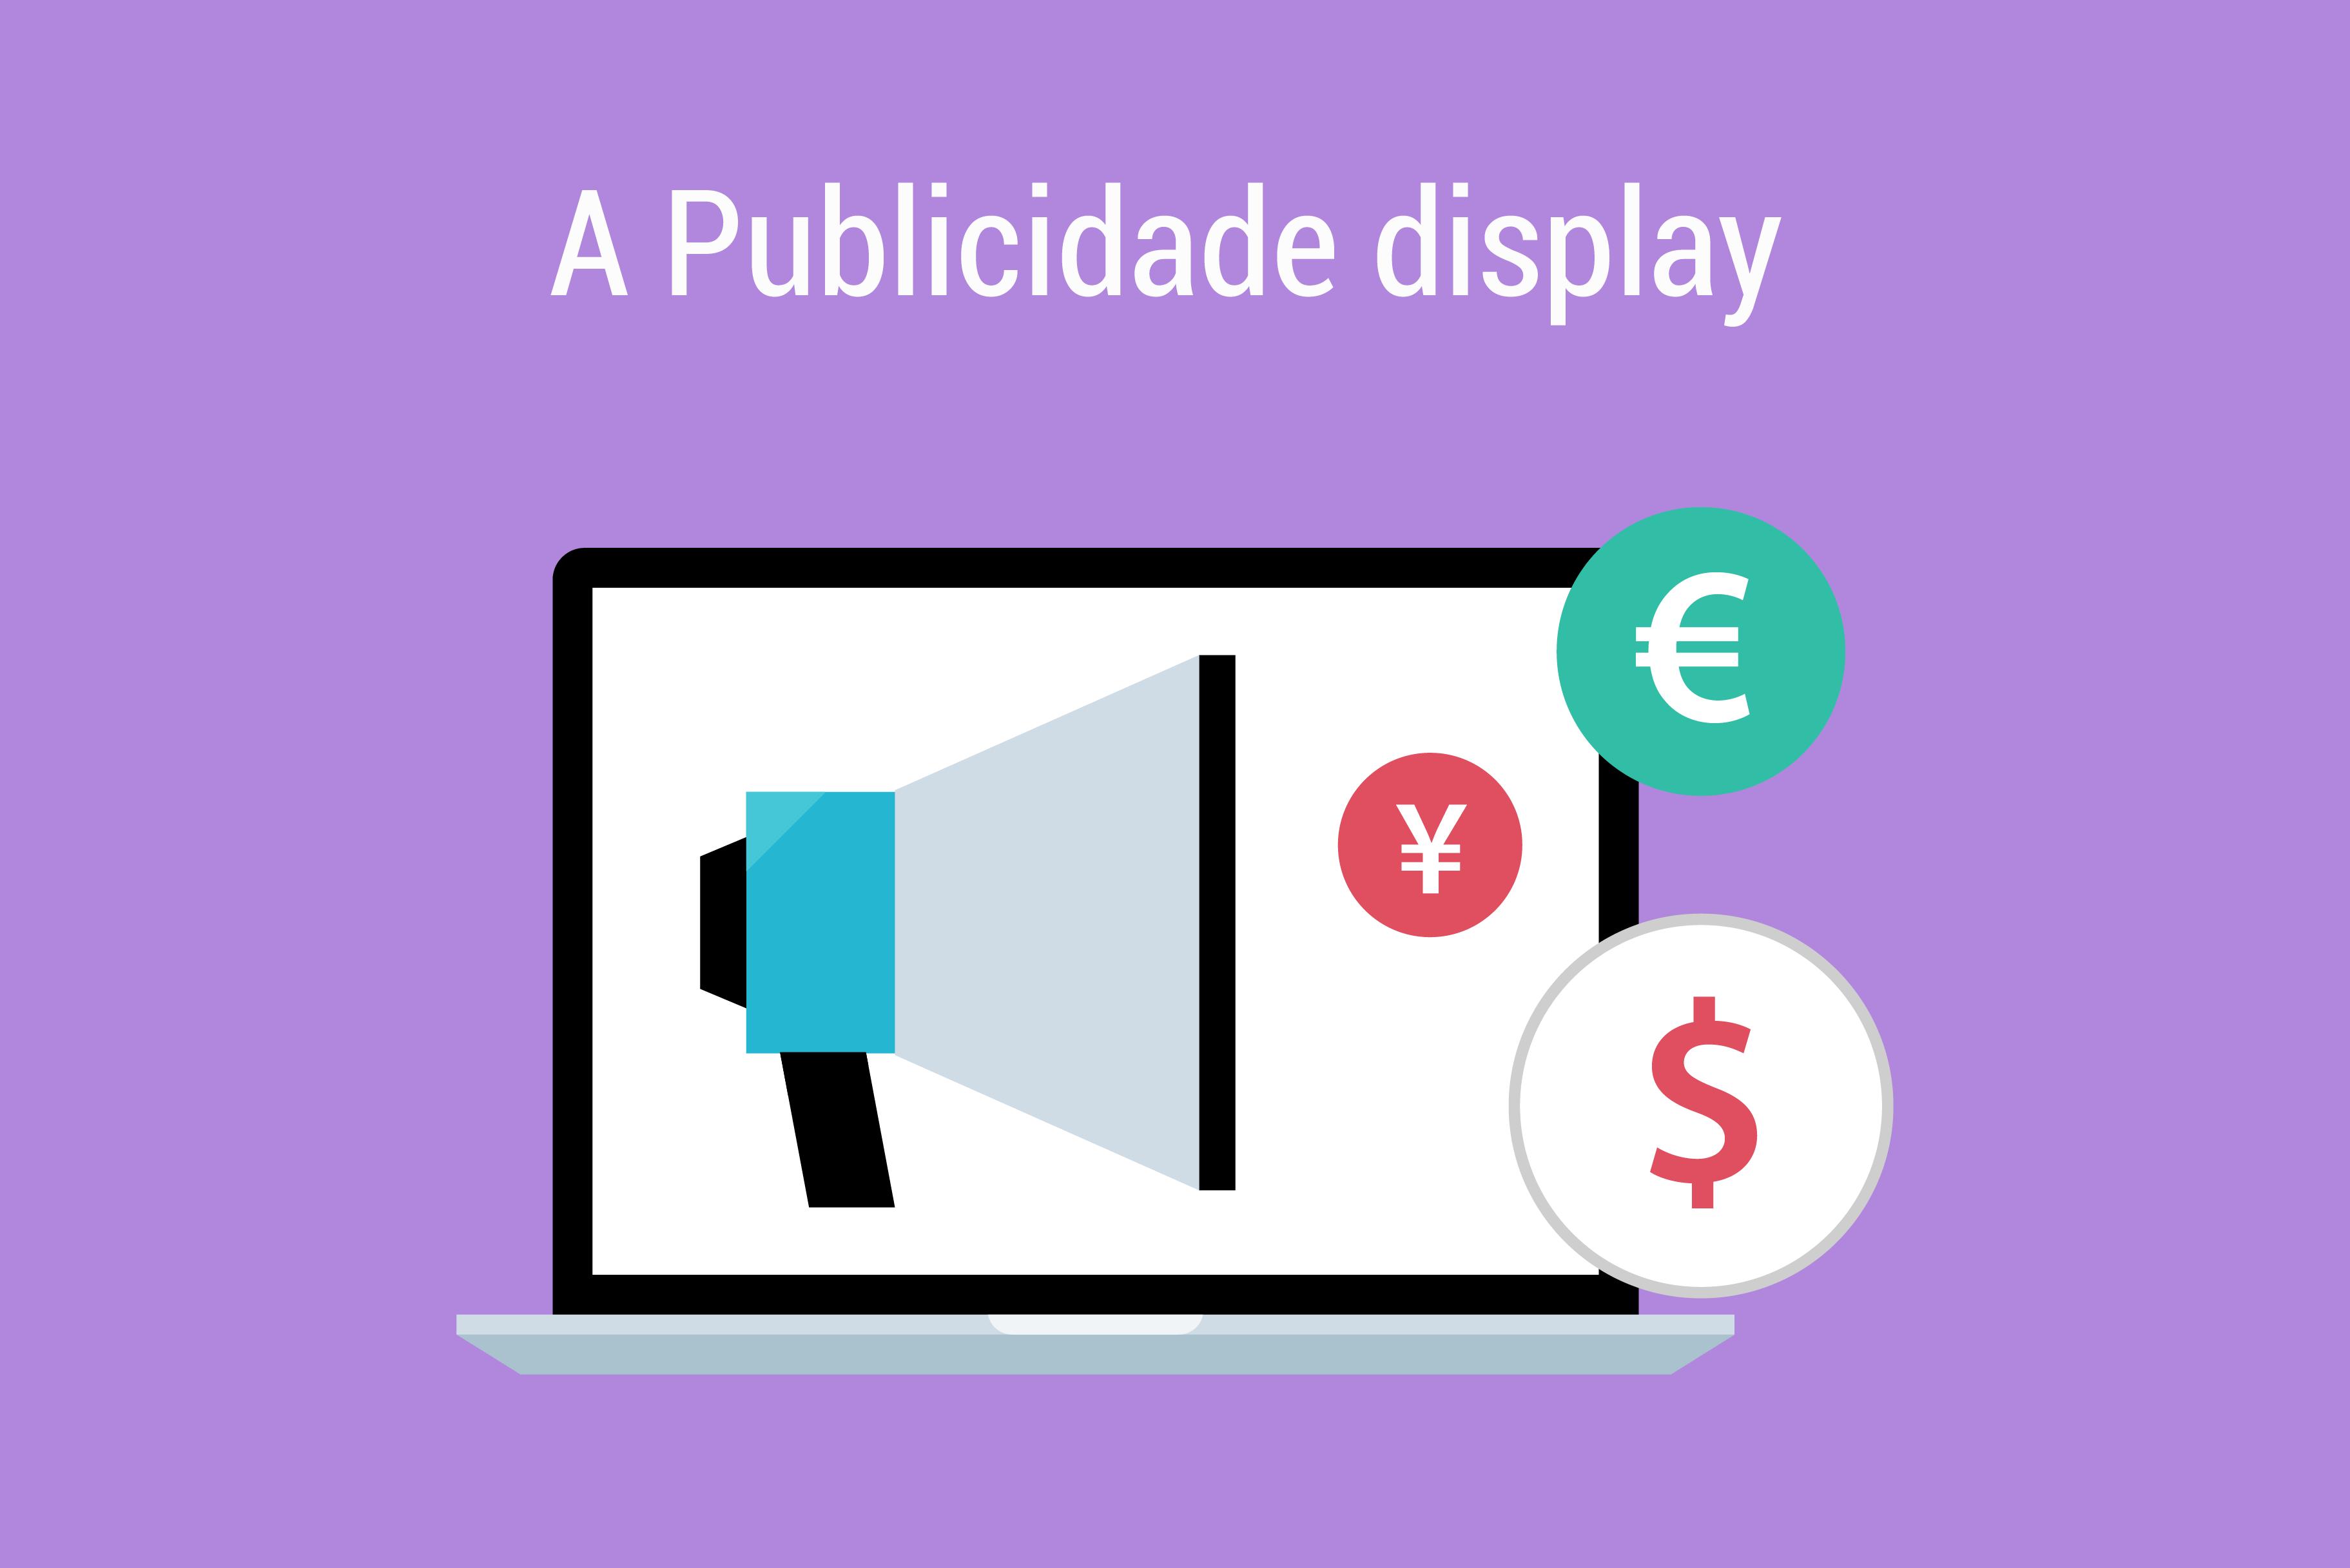 A Publicidade display: por que promover nosso negócio com anúncios gráficos na Internet